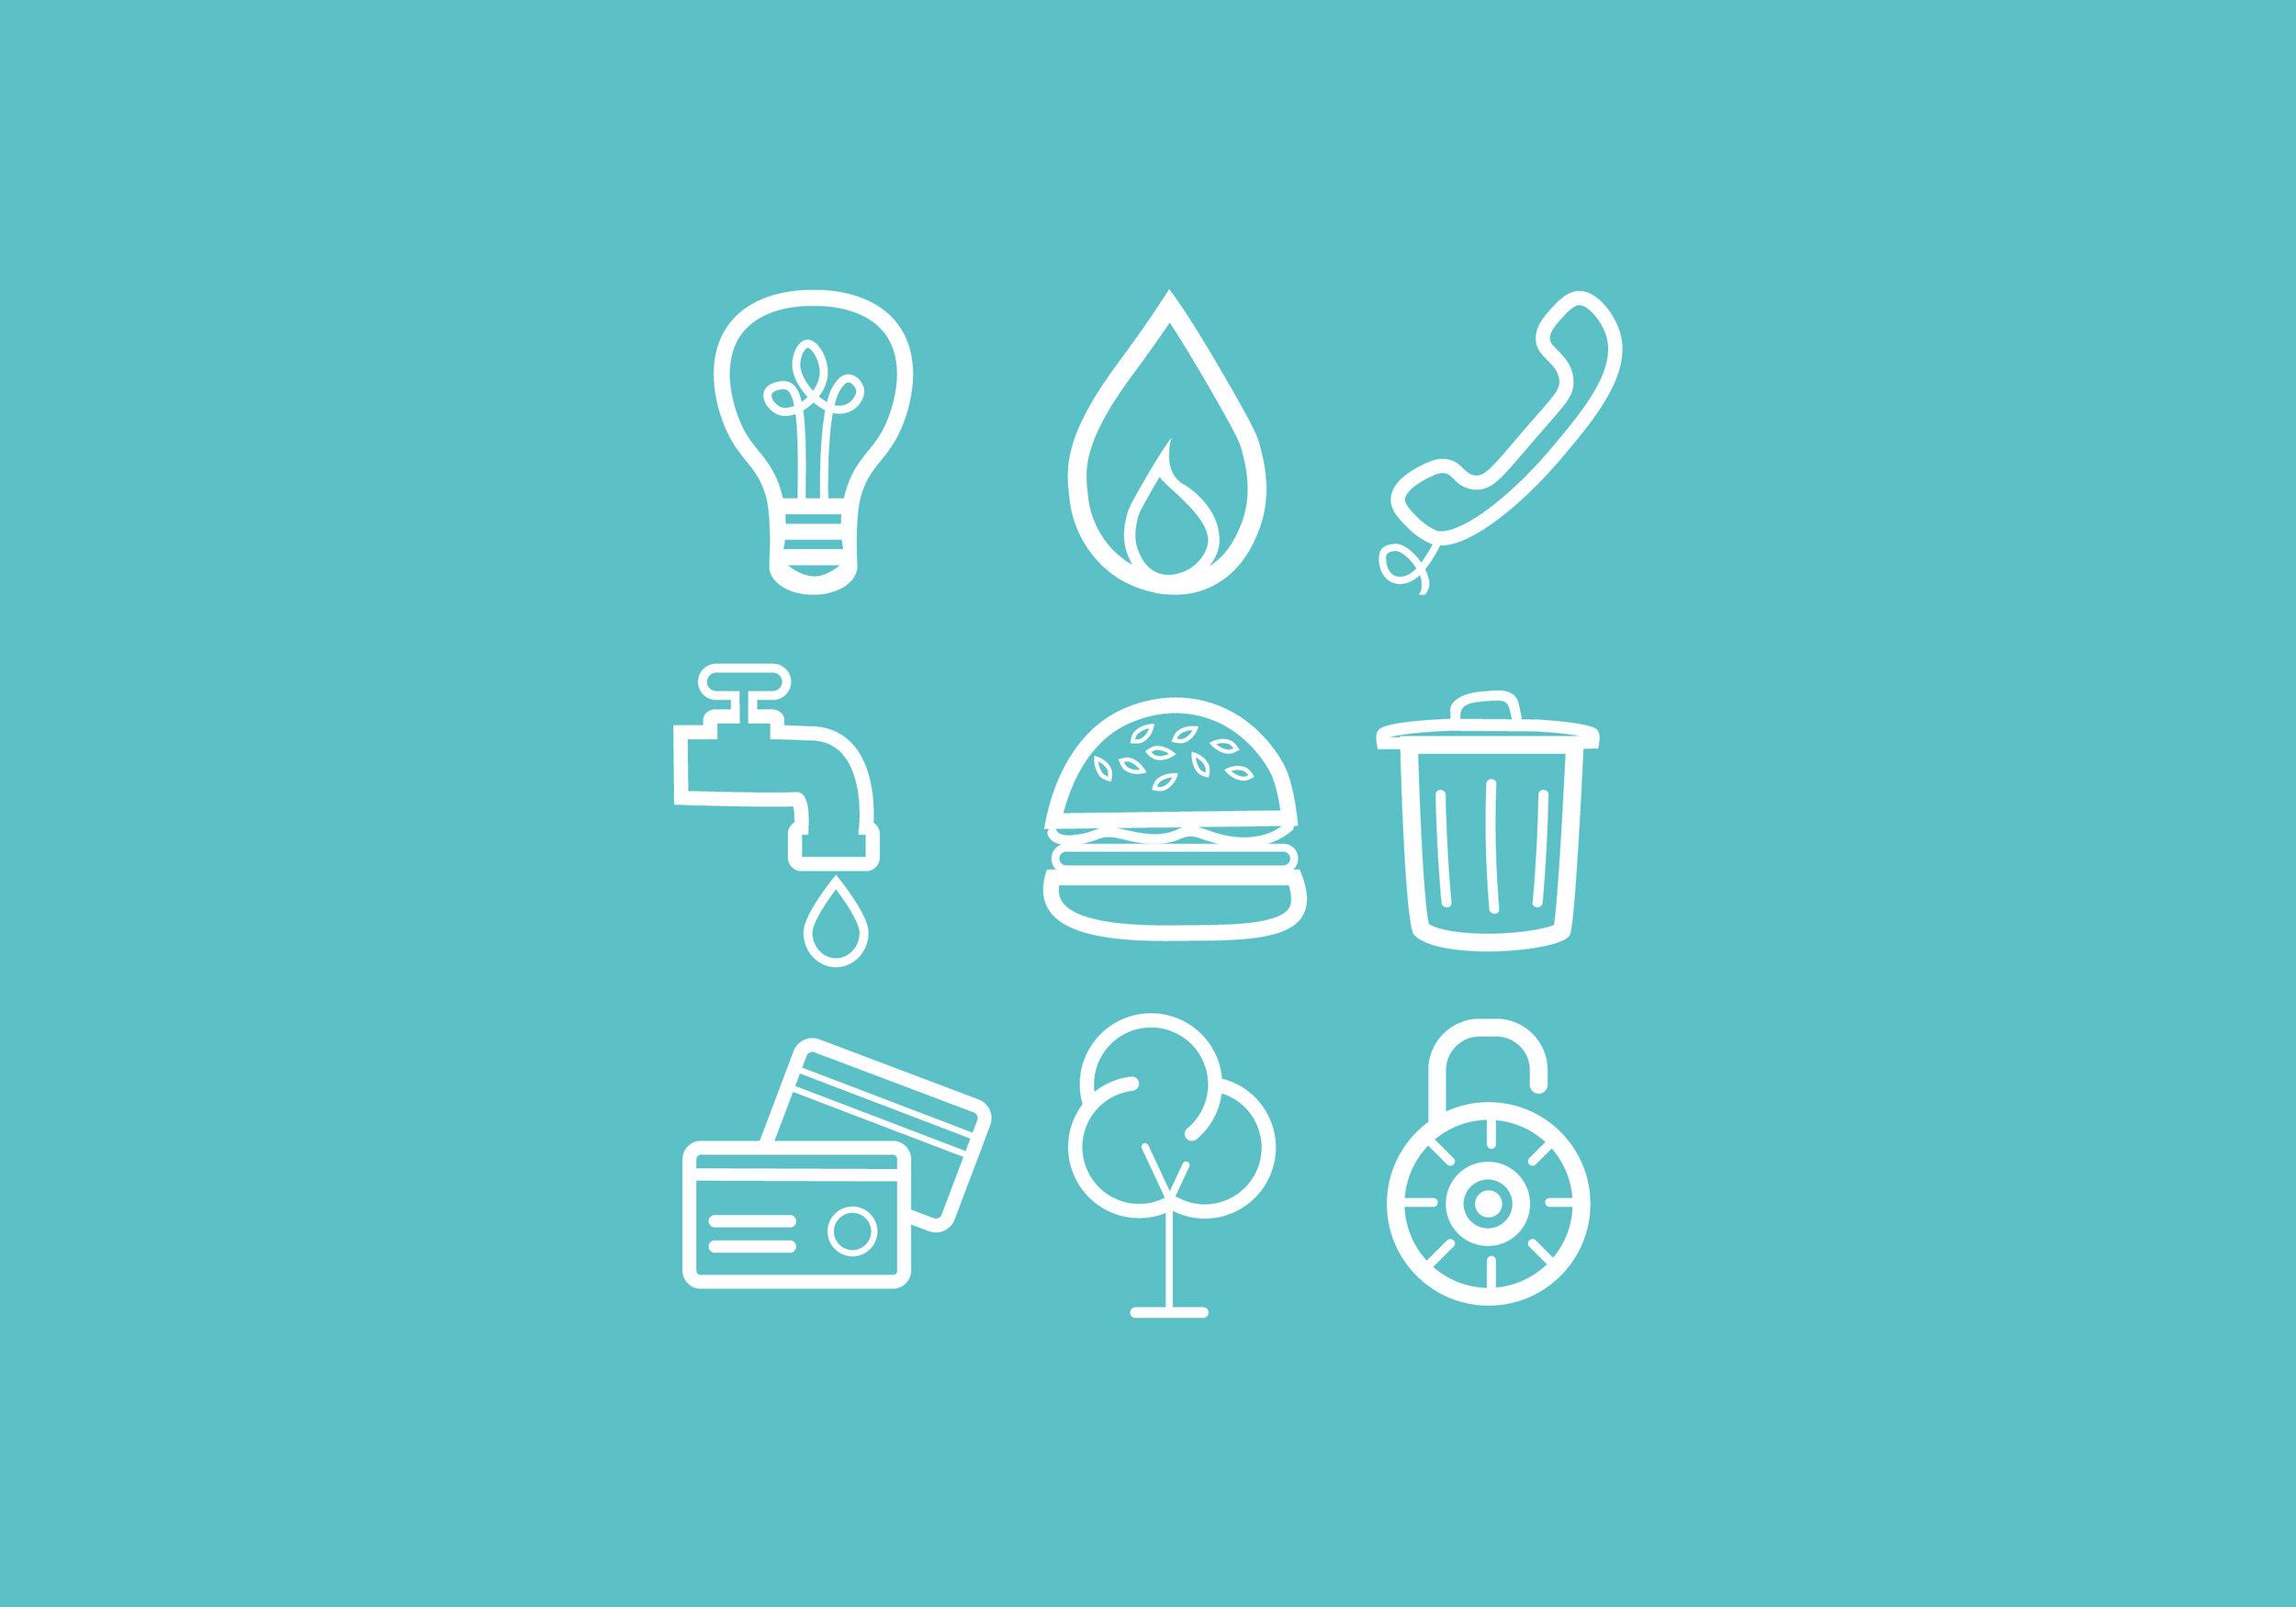 Pro Eco Icons v004-01.jpg